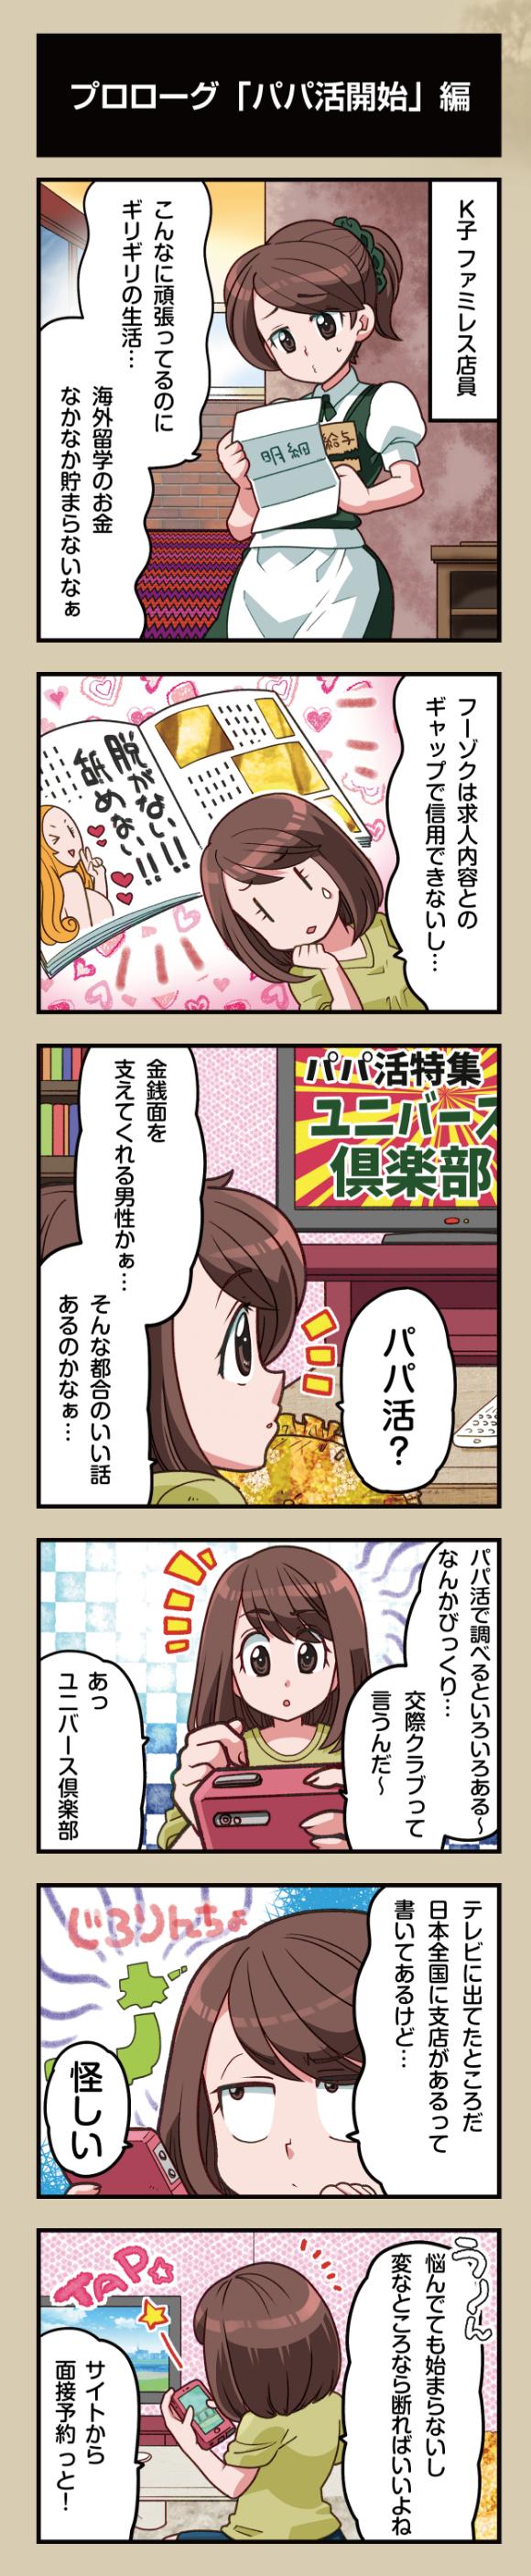 デートクラブ(交際クラブ)ユニバースクラブの登録からマッチング、デートまでを漫画で解説01